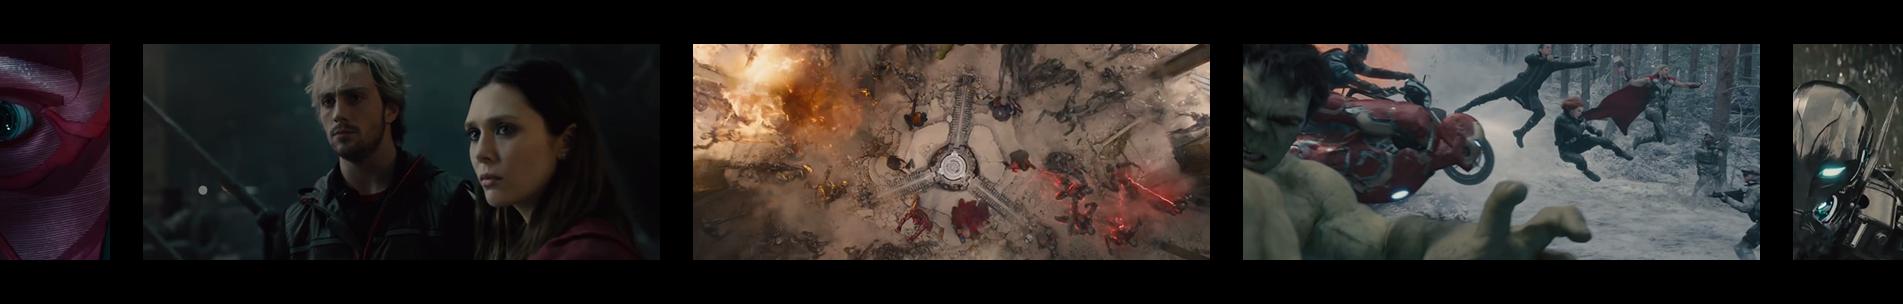 """Pellicule """"Avengers : l'Ère d'Ultron"""""""